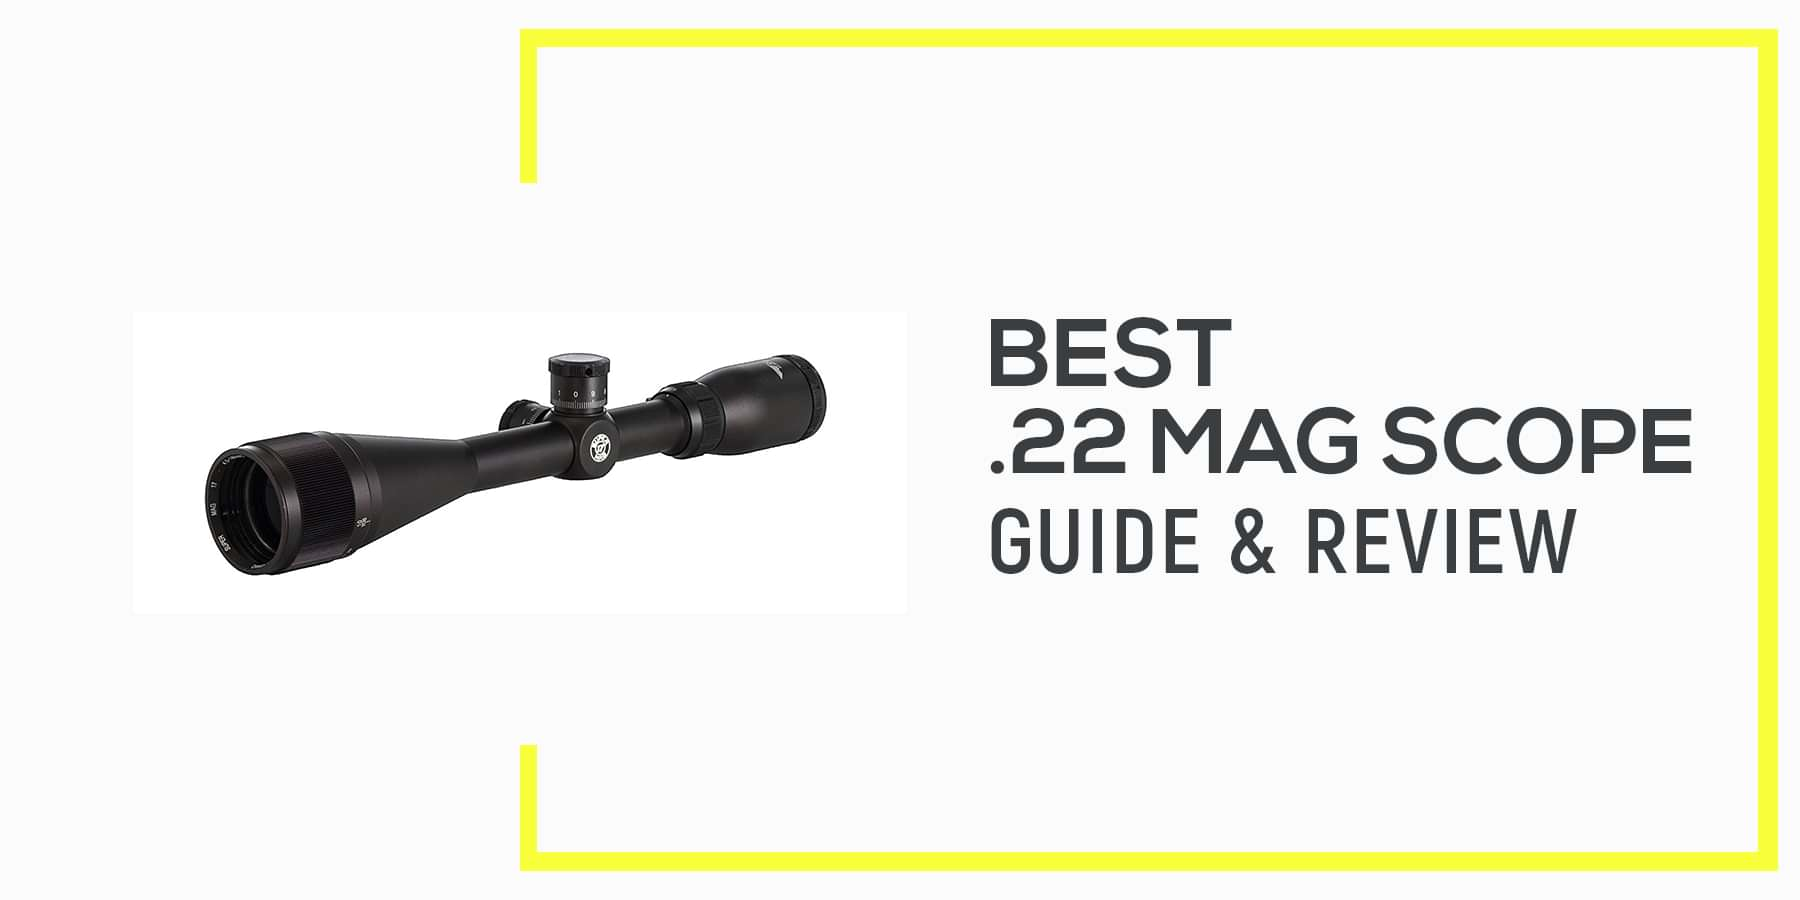 Best .22 Mag Scope